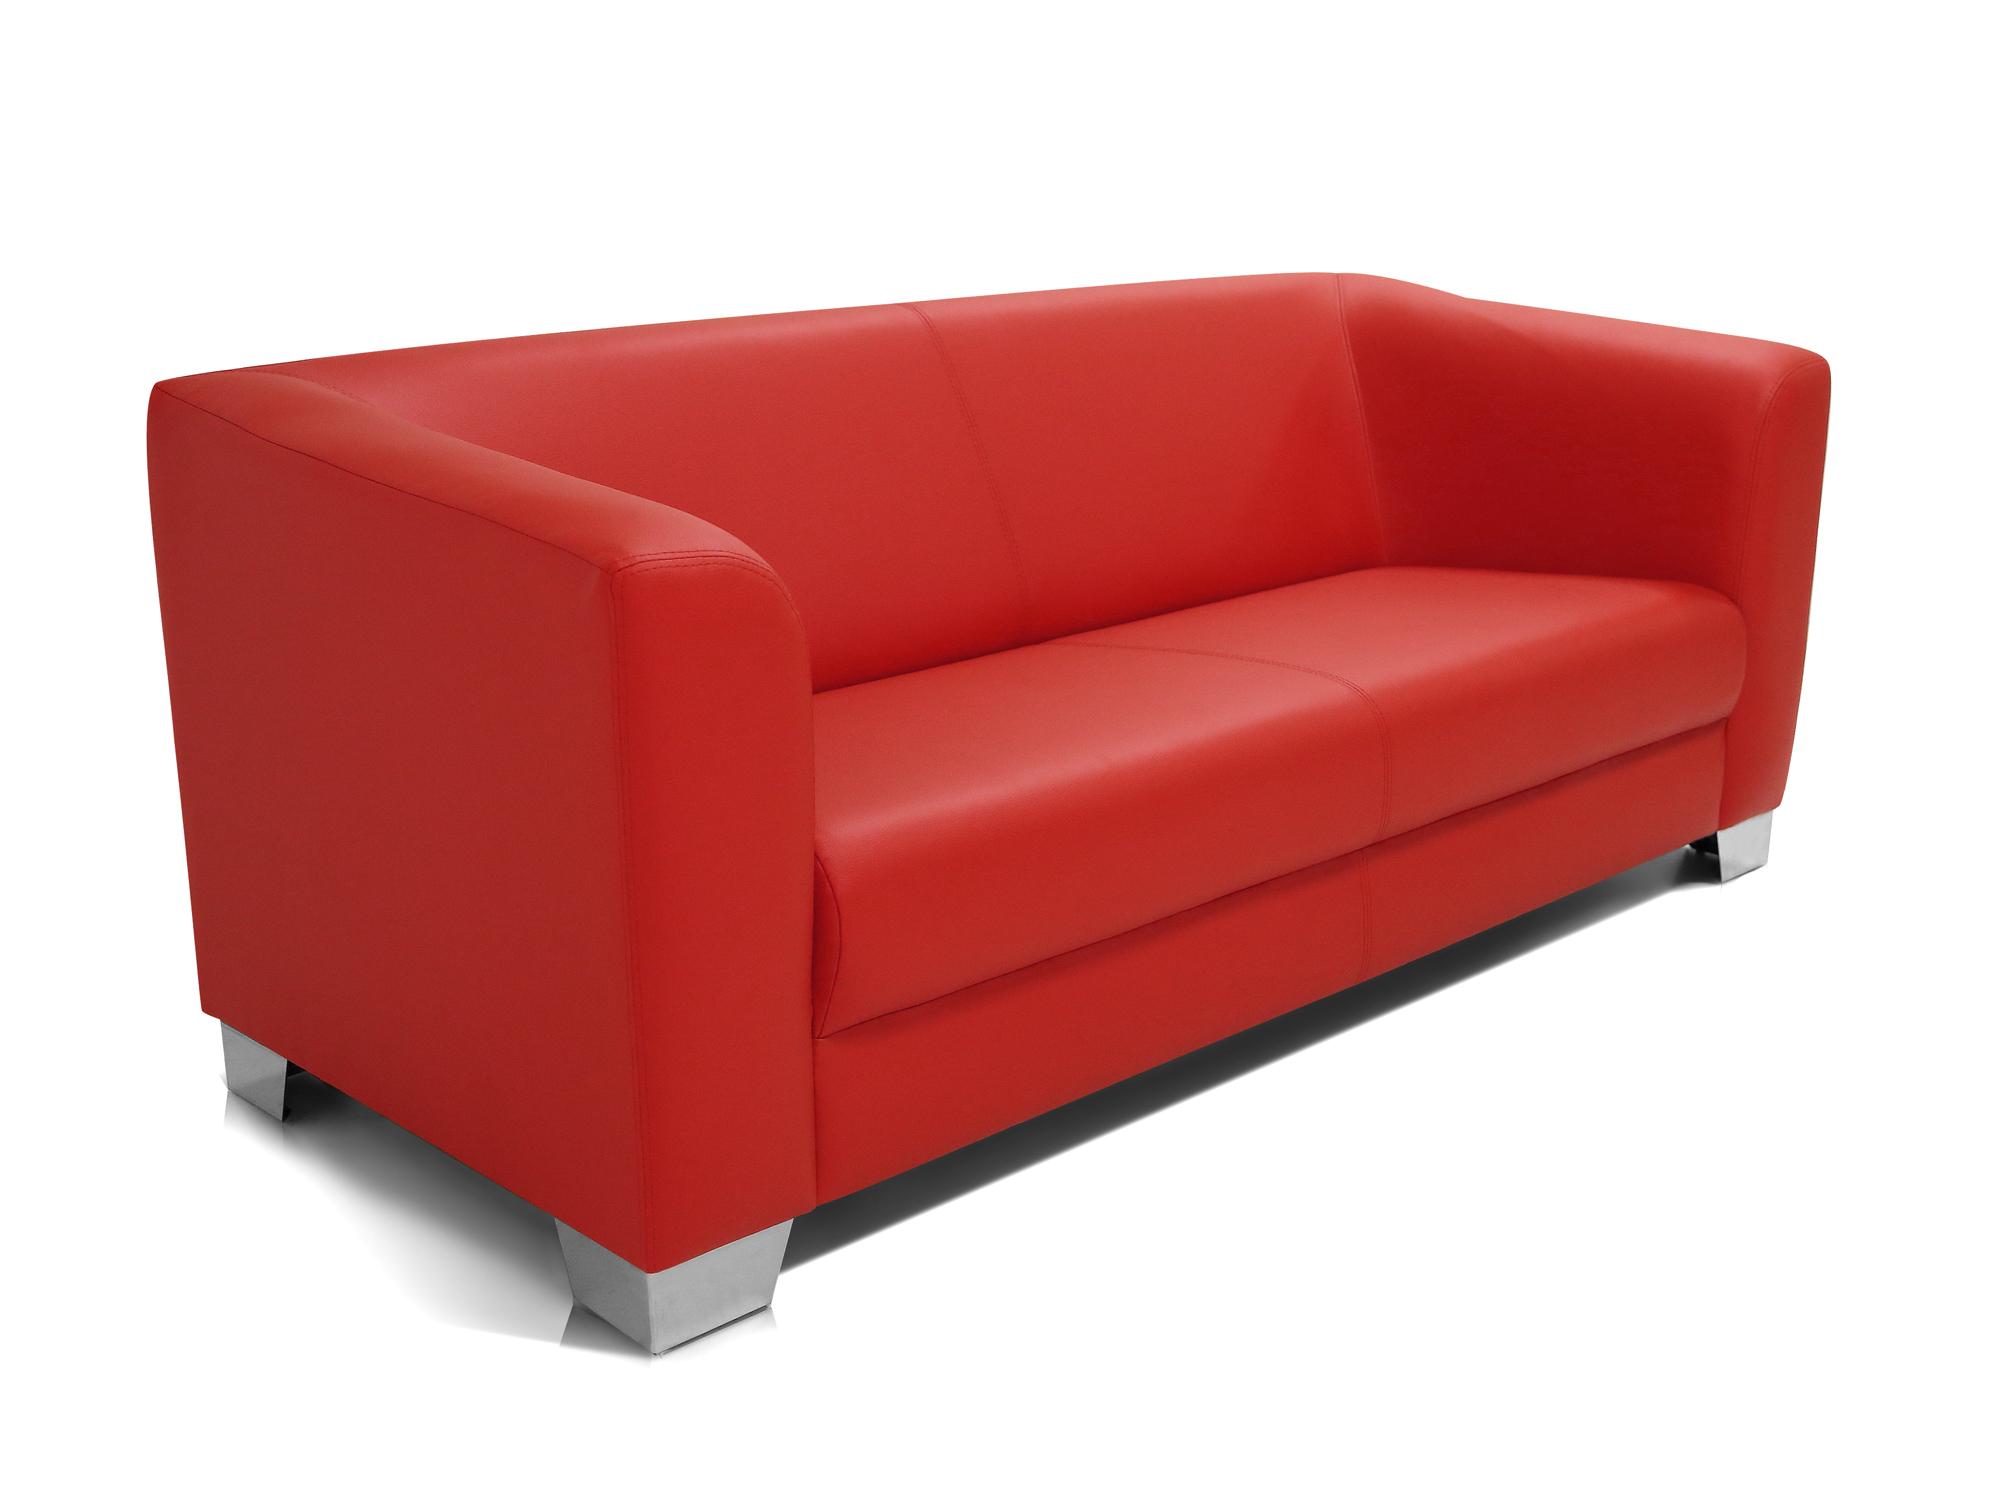 ledersofa mit schlaffunktion g nstig kaufen. Black Bedroom Furniture Sets. Home Design Ideas